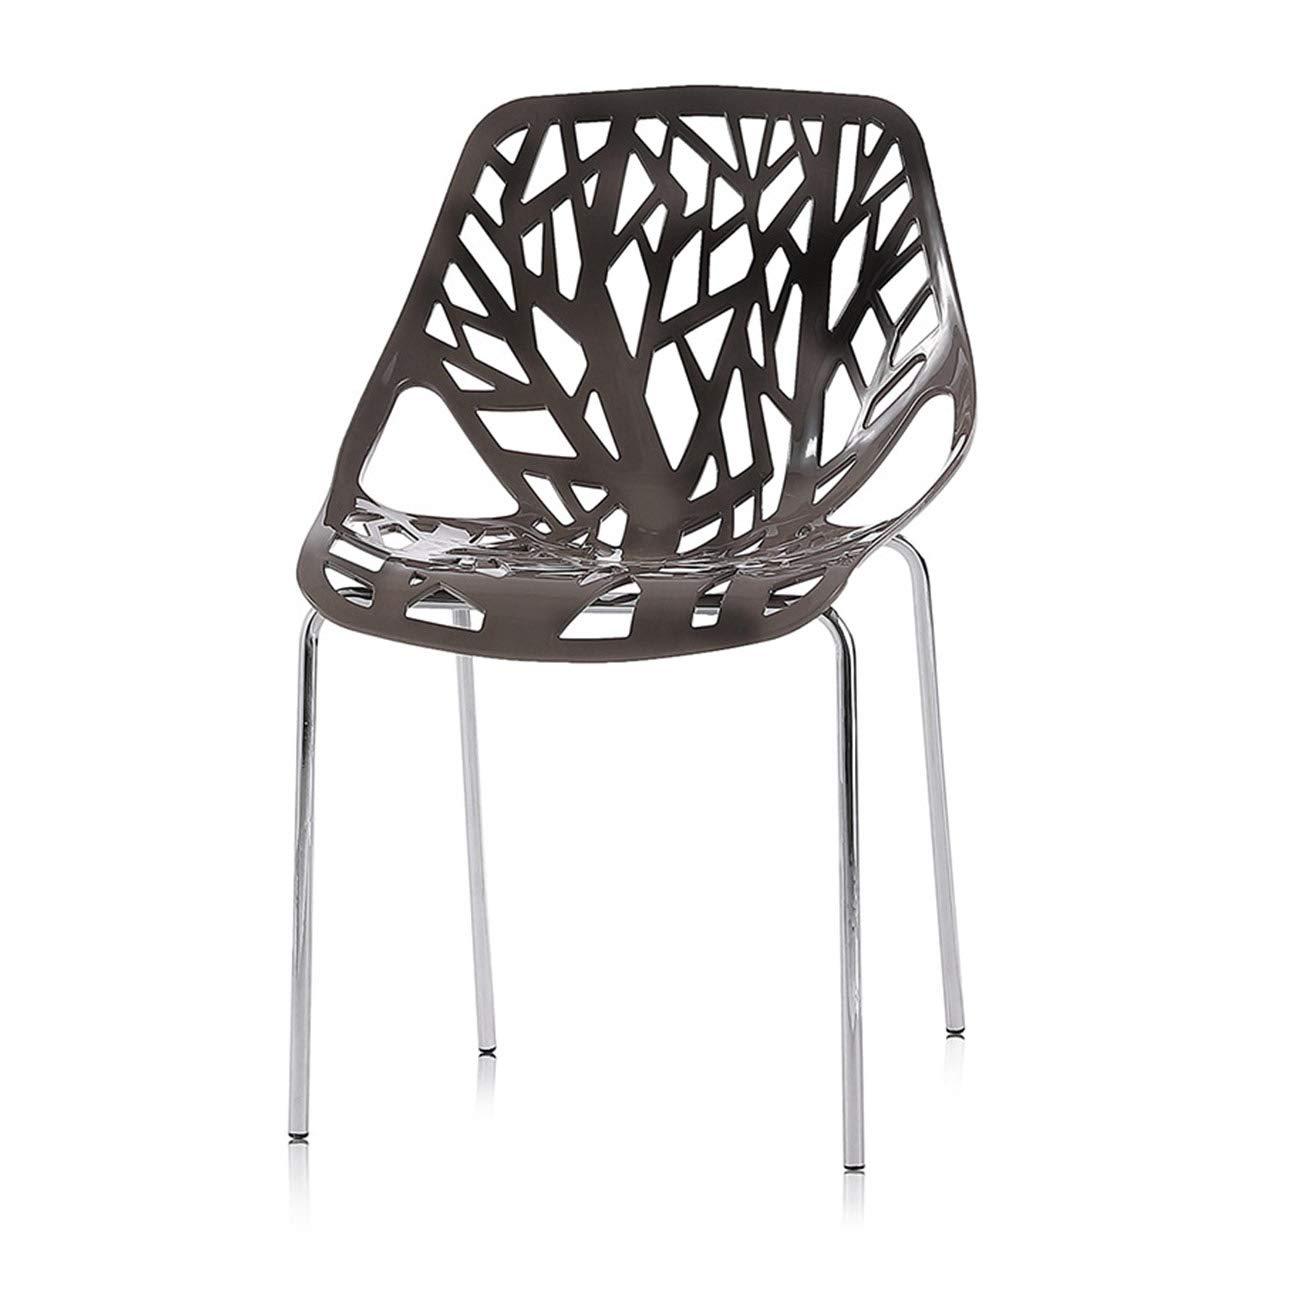 Makika Retro Stuhl Stuhl Stuhl Design Stuhl Esszimmerstühle Bürostuhl Wohnzimmerstühle Lounge Küchenstuhl Sitzgruppe 4er Set aus Kunststoff mit Rückenlehne CALUNA in Grau 28474f